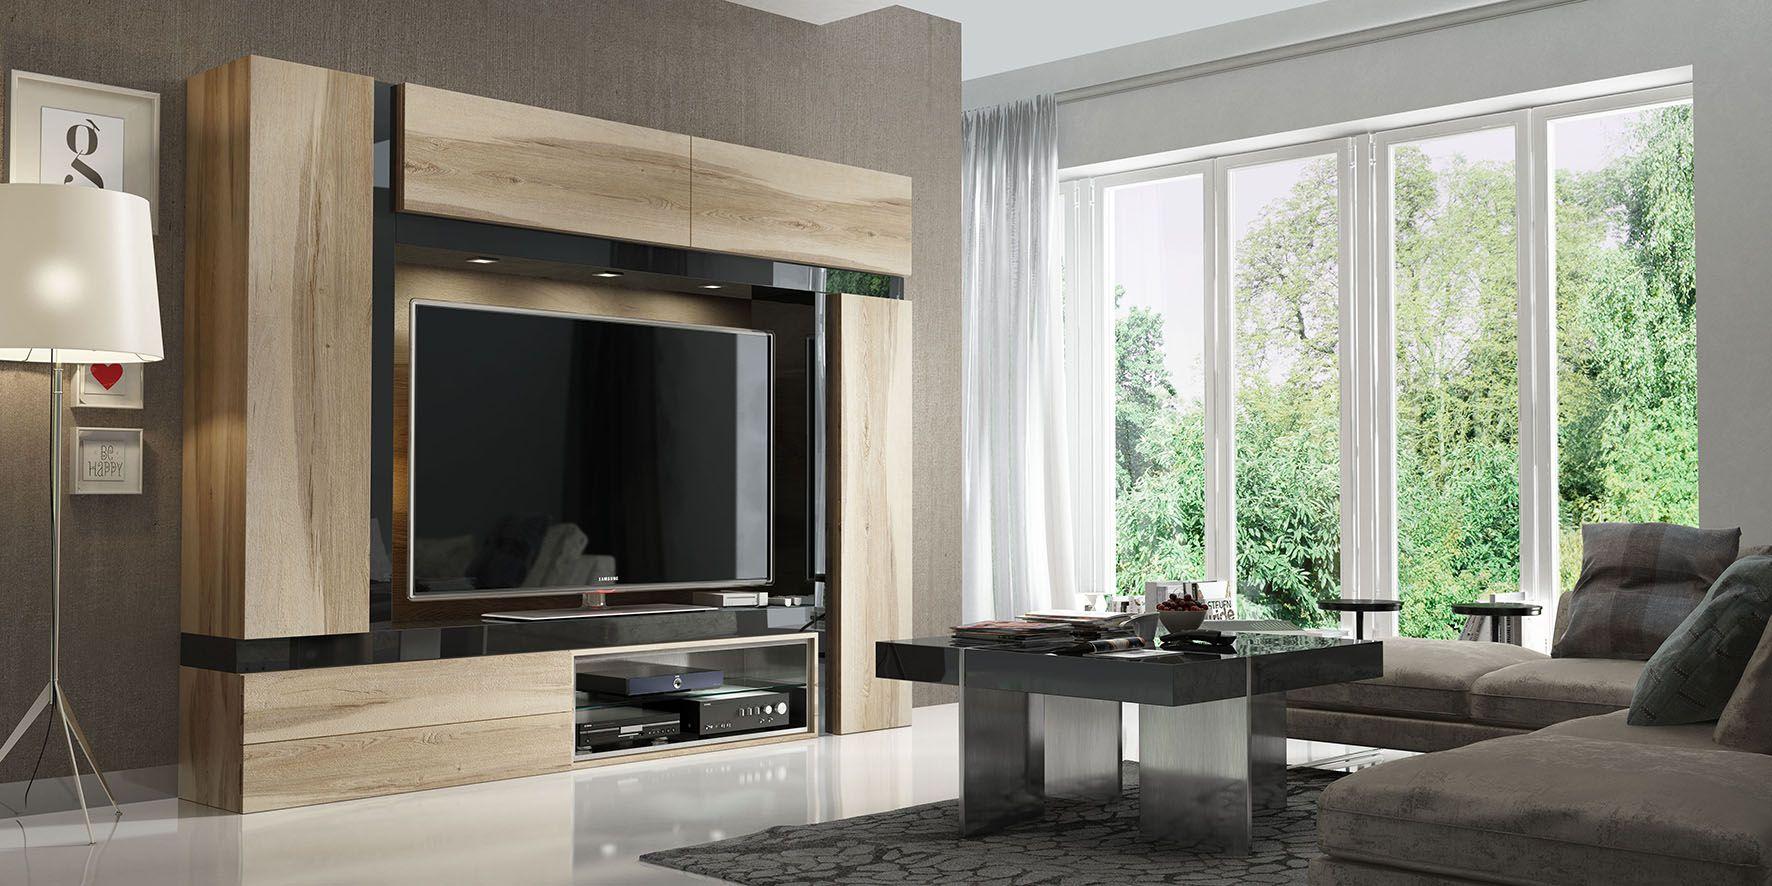 Muebles tv para sal n mueble tv tv y mueble compacto for Muebles de salon compactos